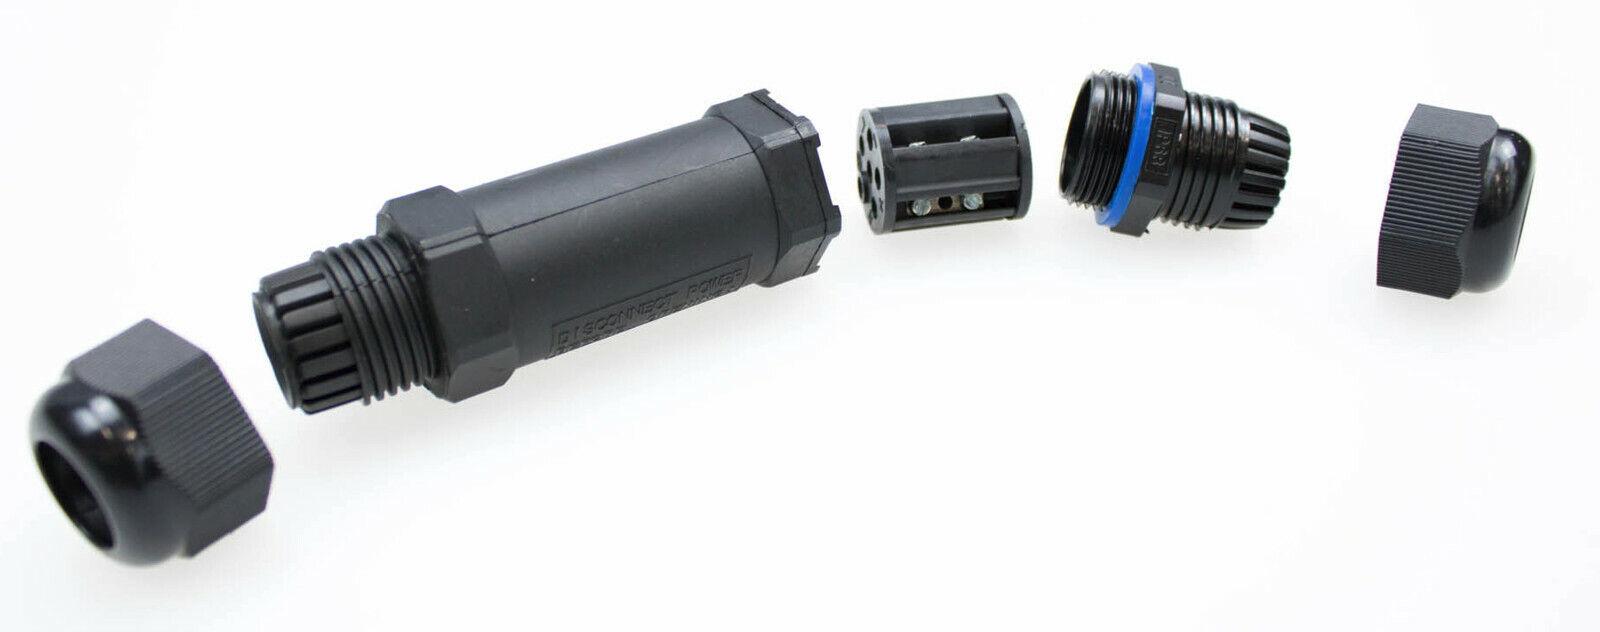 für Erdkabel Leitungen Boden wasserdichte Kabelmuffe Kabelverbinder IP68 15A